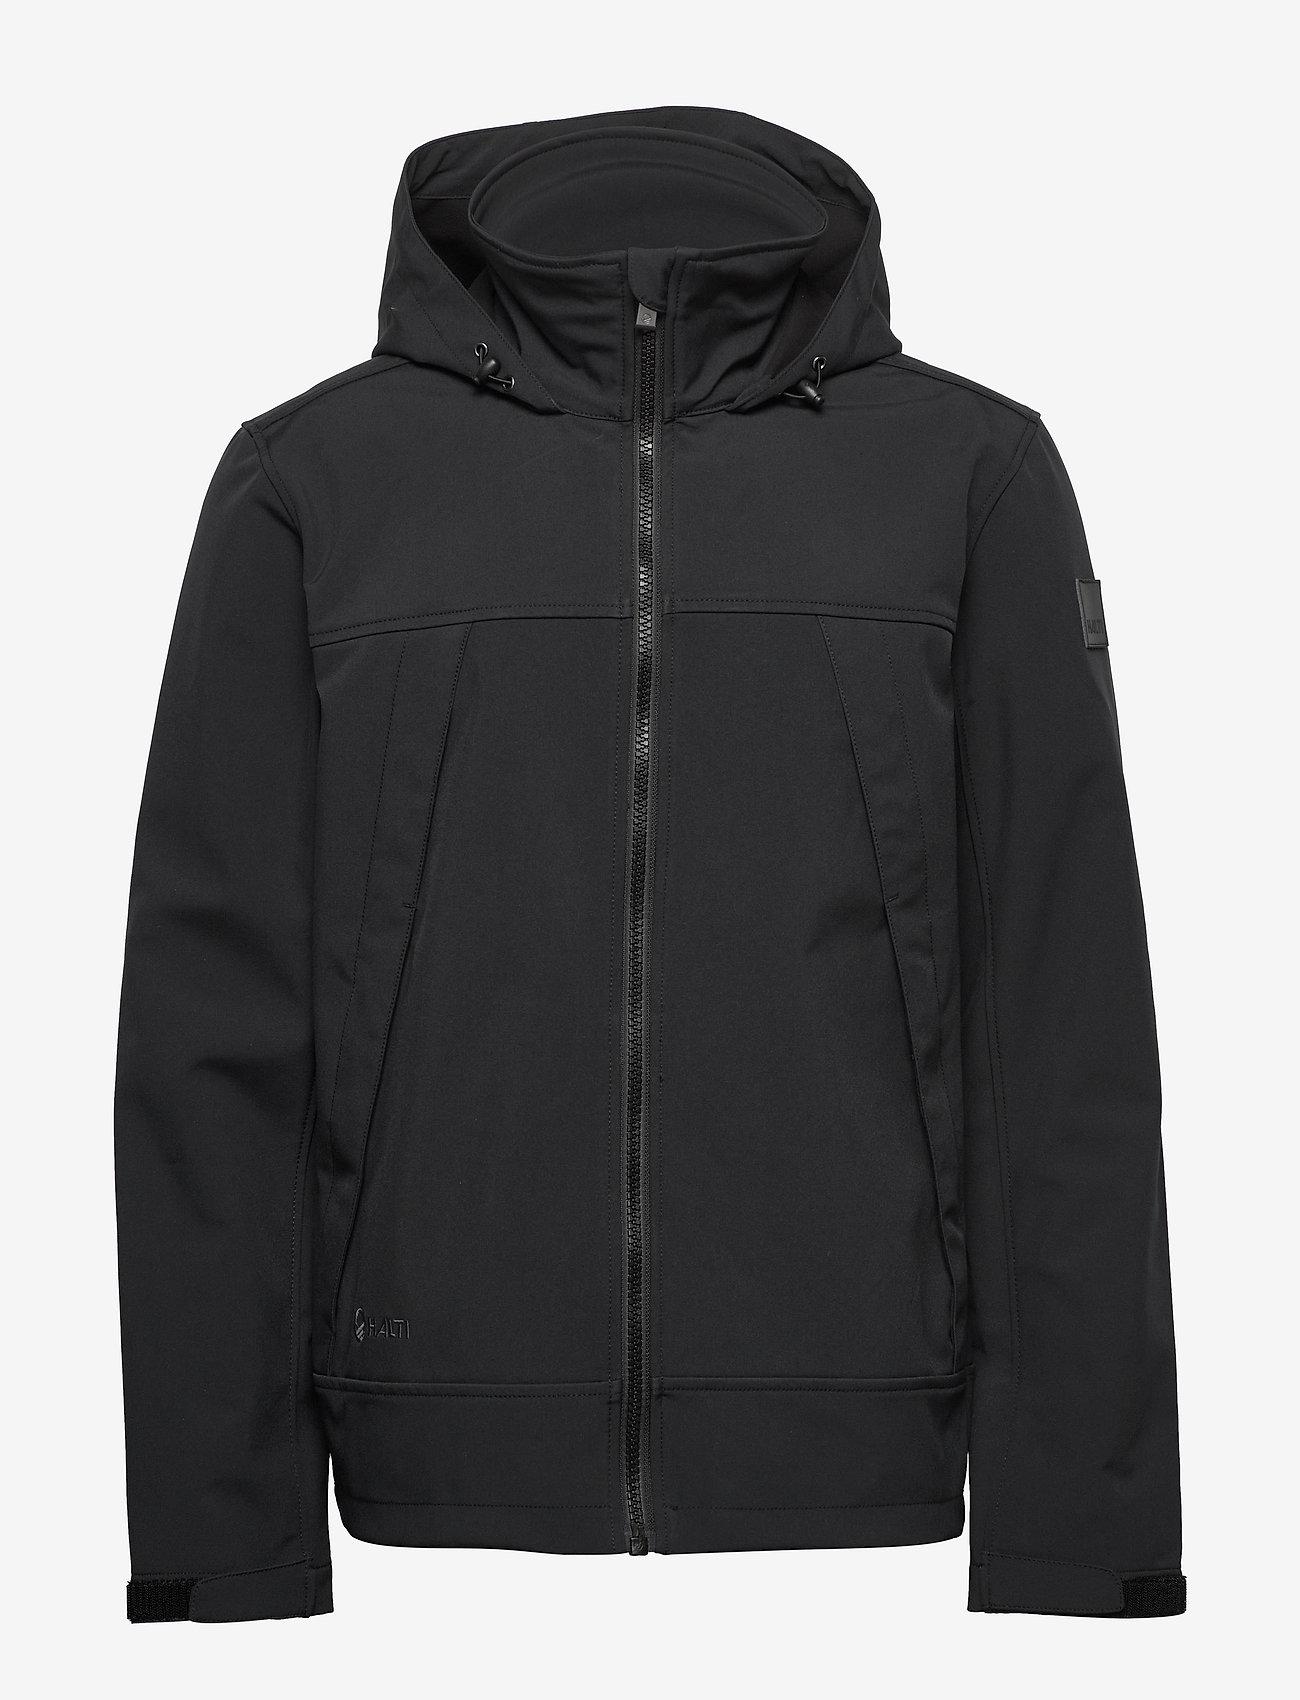 Halti - Veini Men's softshell jacket - softshelljacke - black - 1